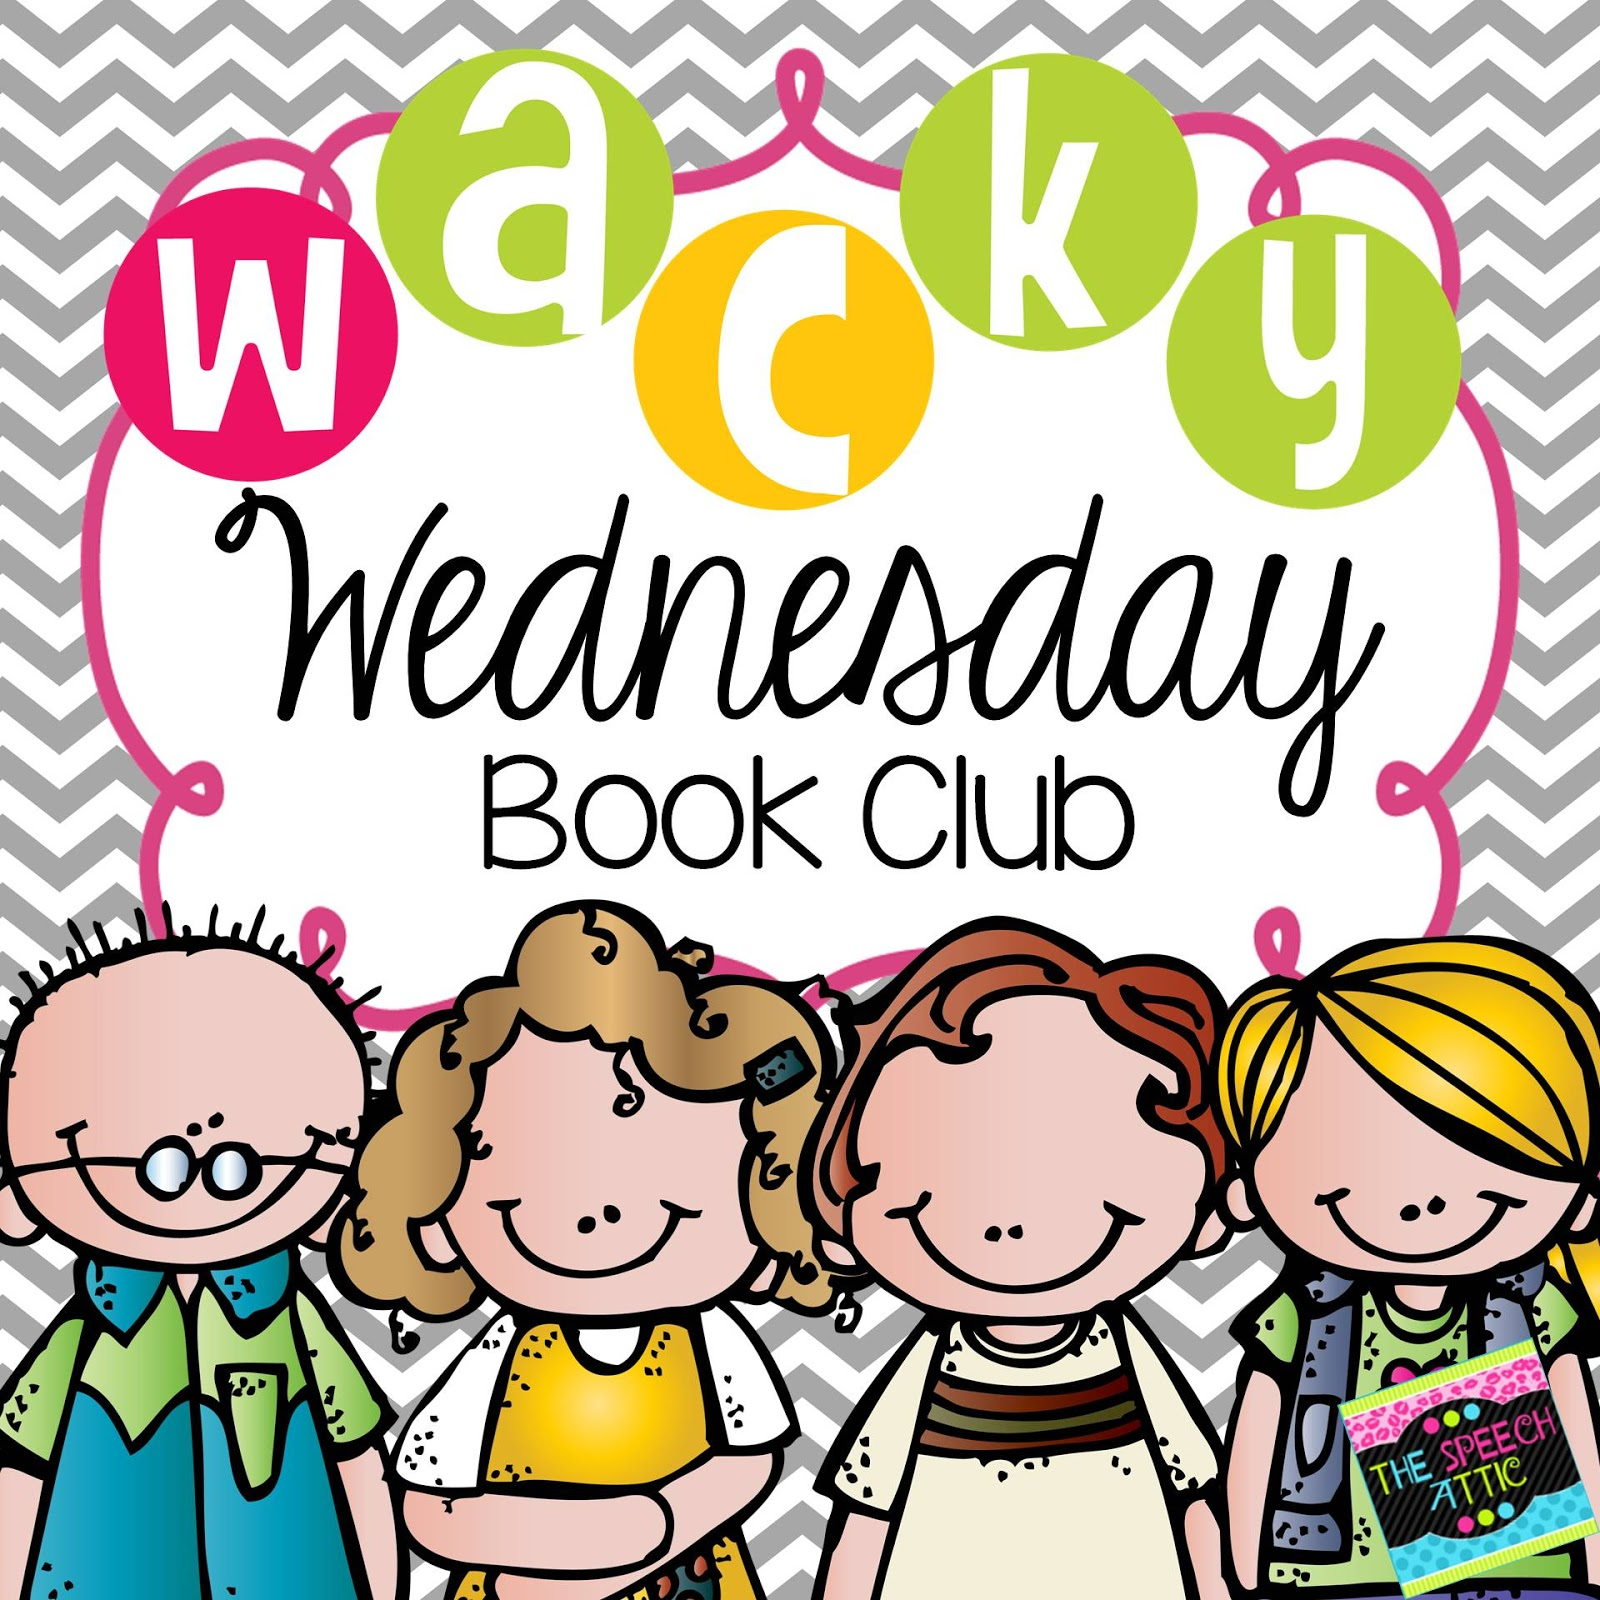 The Speech Attic Wacky Wednesday Book Club How I Became